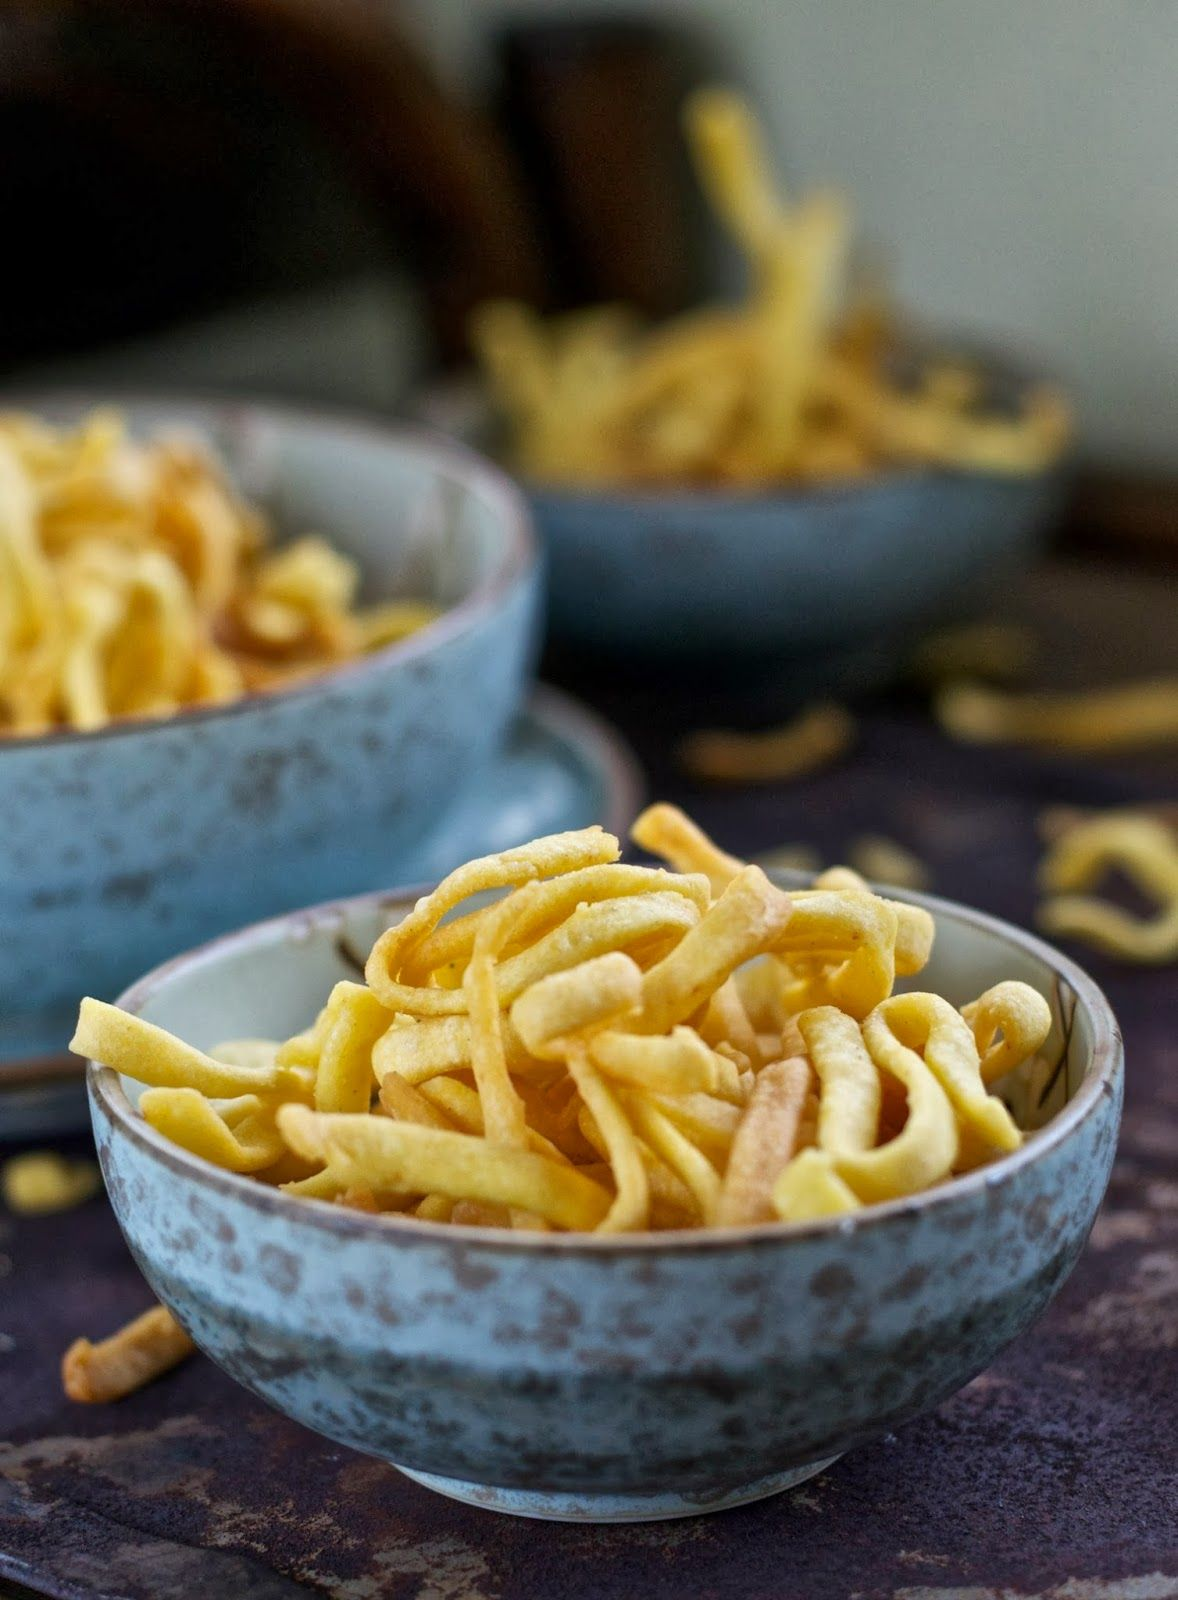 Kripik ubi dapat menjadi alternatif kripik bawang yang sudah umum dibuat sebagai hidangan Lebaran maupun Hari Natal. Atau dapat dibuat ...